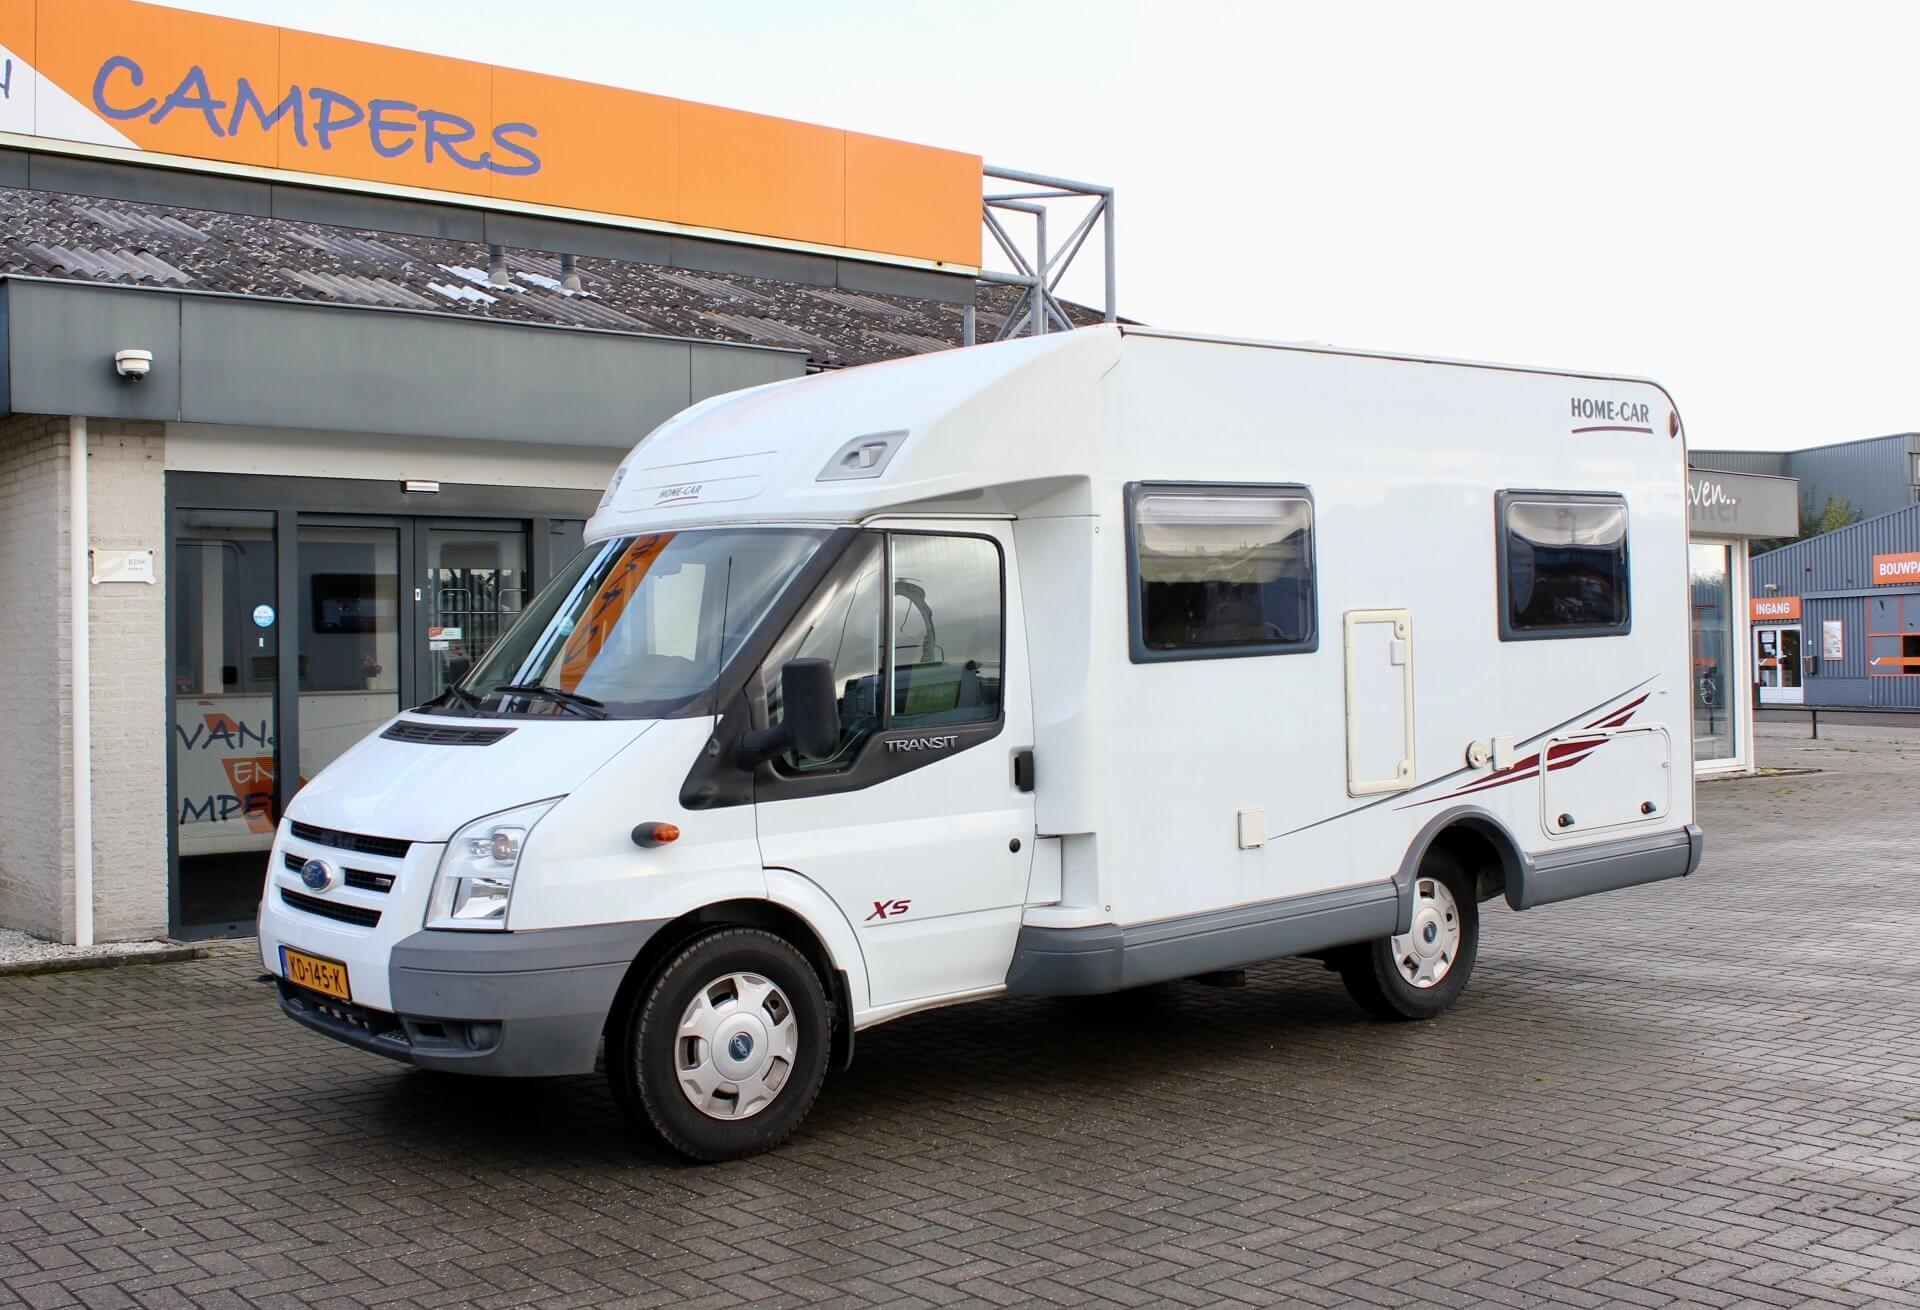 Home Car XS33